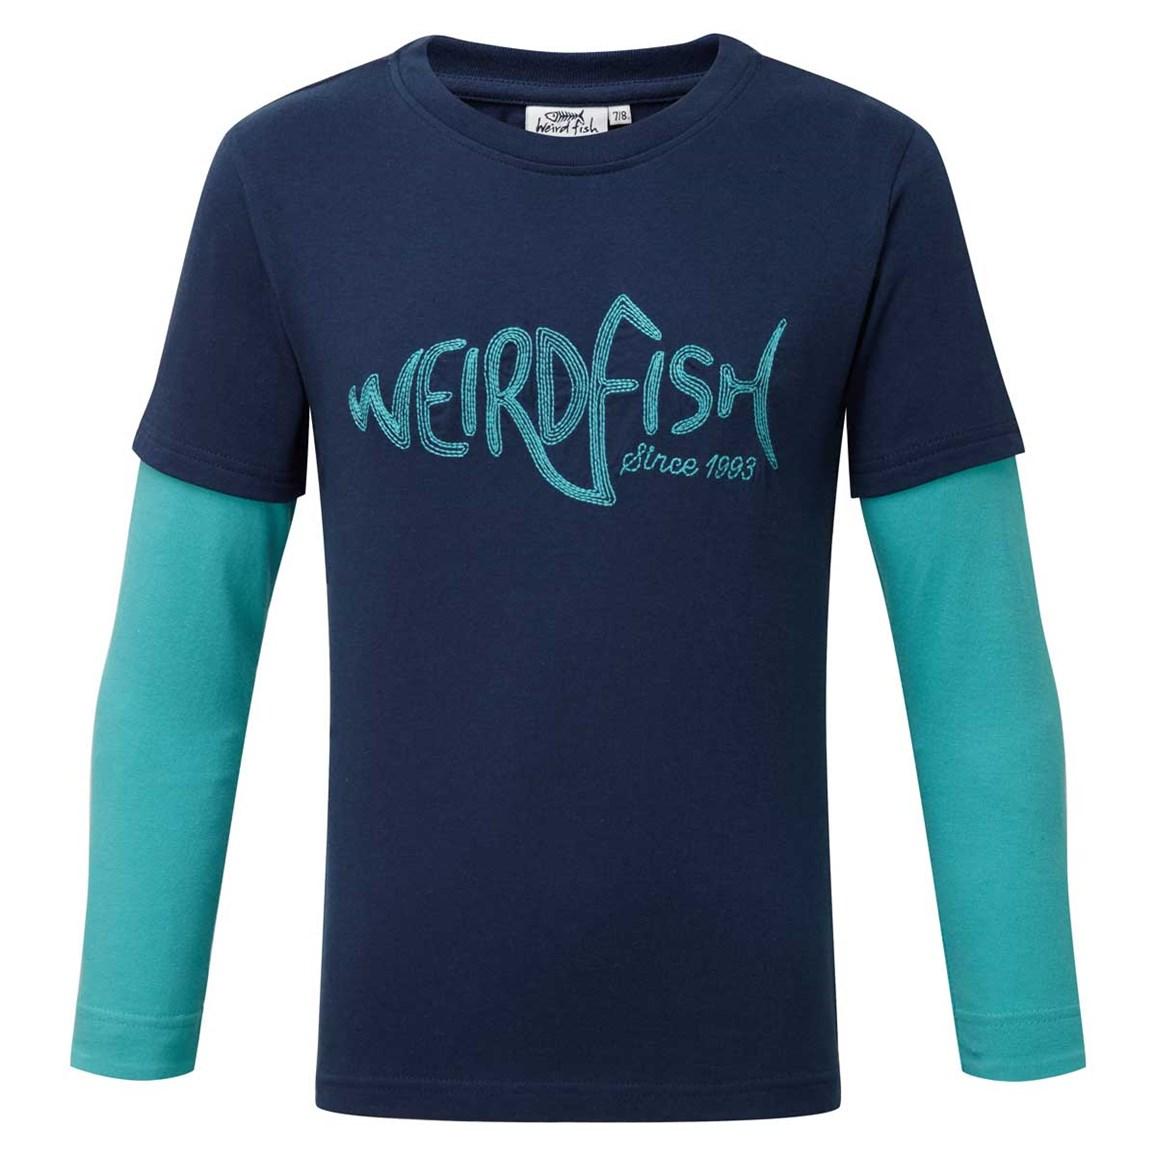 Weird Fish Shark Long Sleeve Graphic Print T-Shirt Insignia Blue Size 11-12